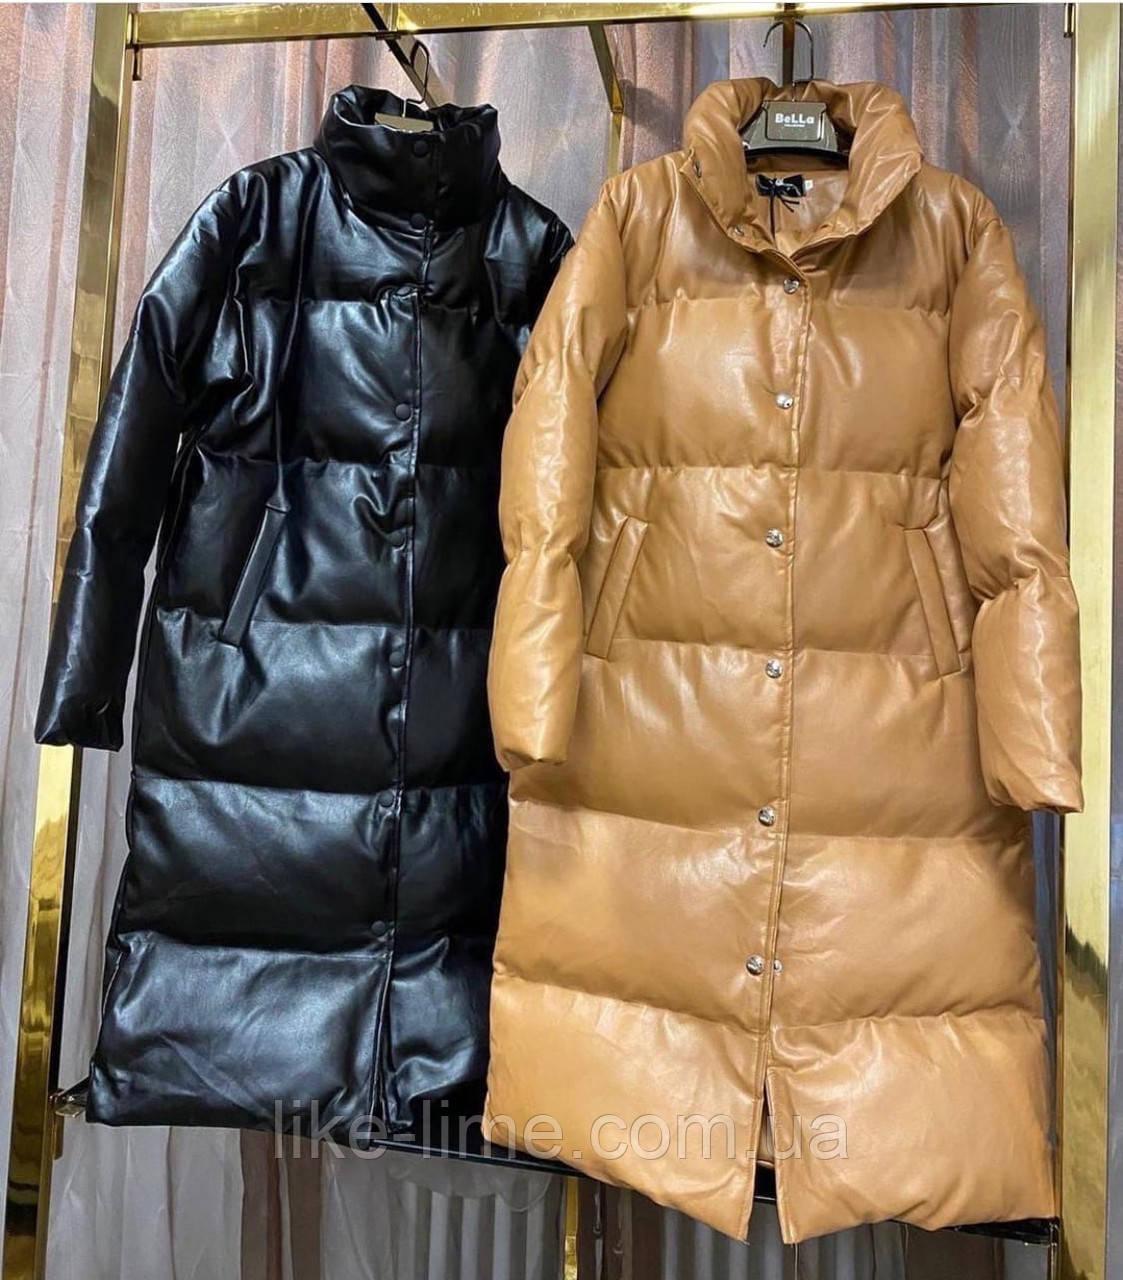 Женская стильная демисезонная куртка из эко-кожи